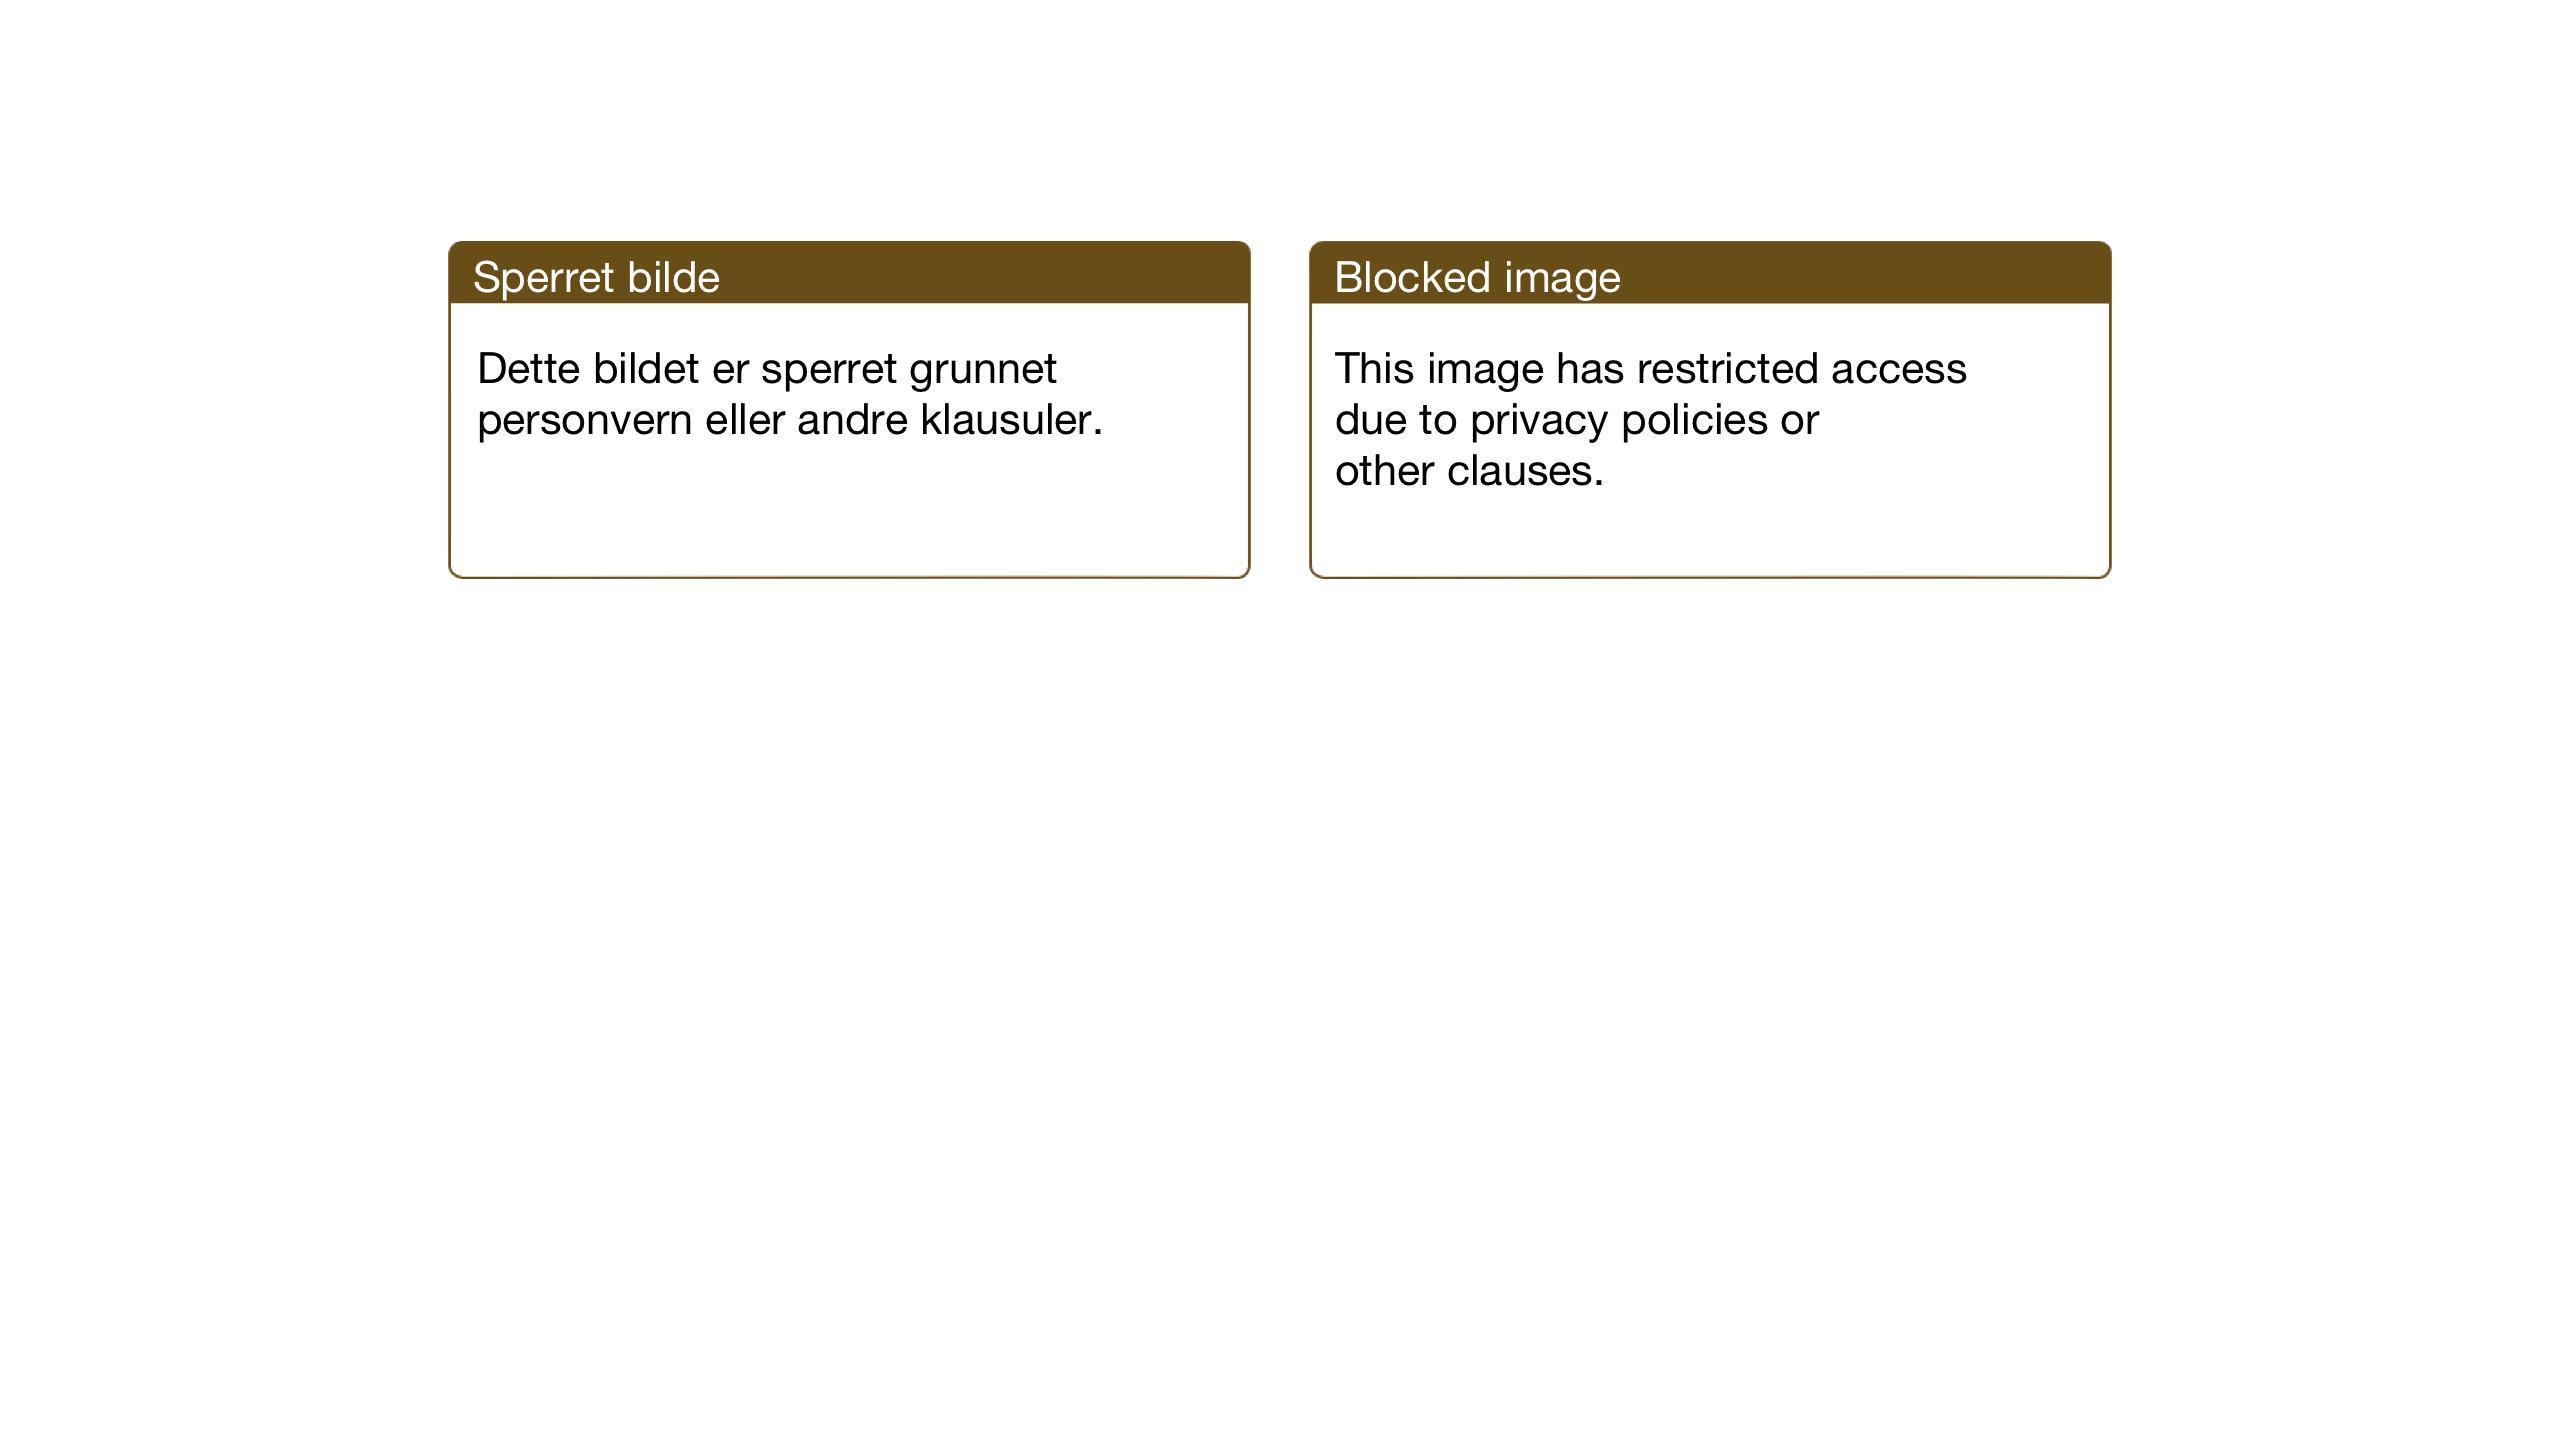 SAT, Ministerialprotokoller, klokkerbøker og fødselsregistre - Nord-Trøndelag, 701/L0019: Klokkerbok nr. 701C03, 1930-1953, s. 20